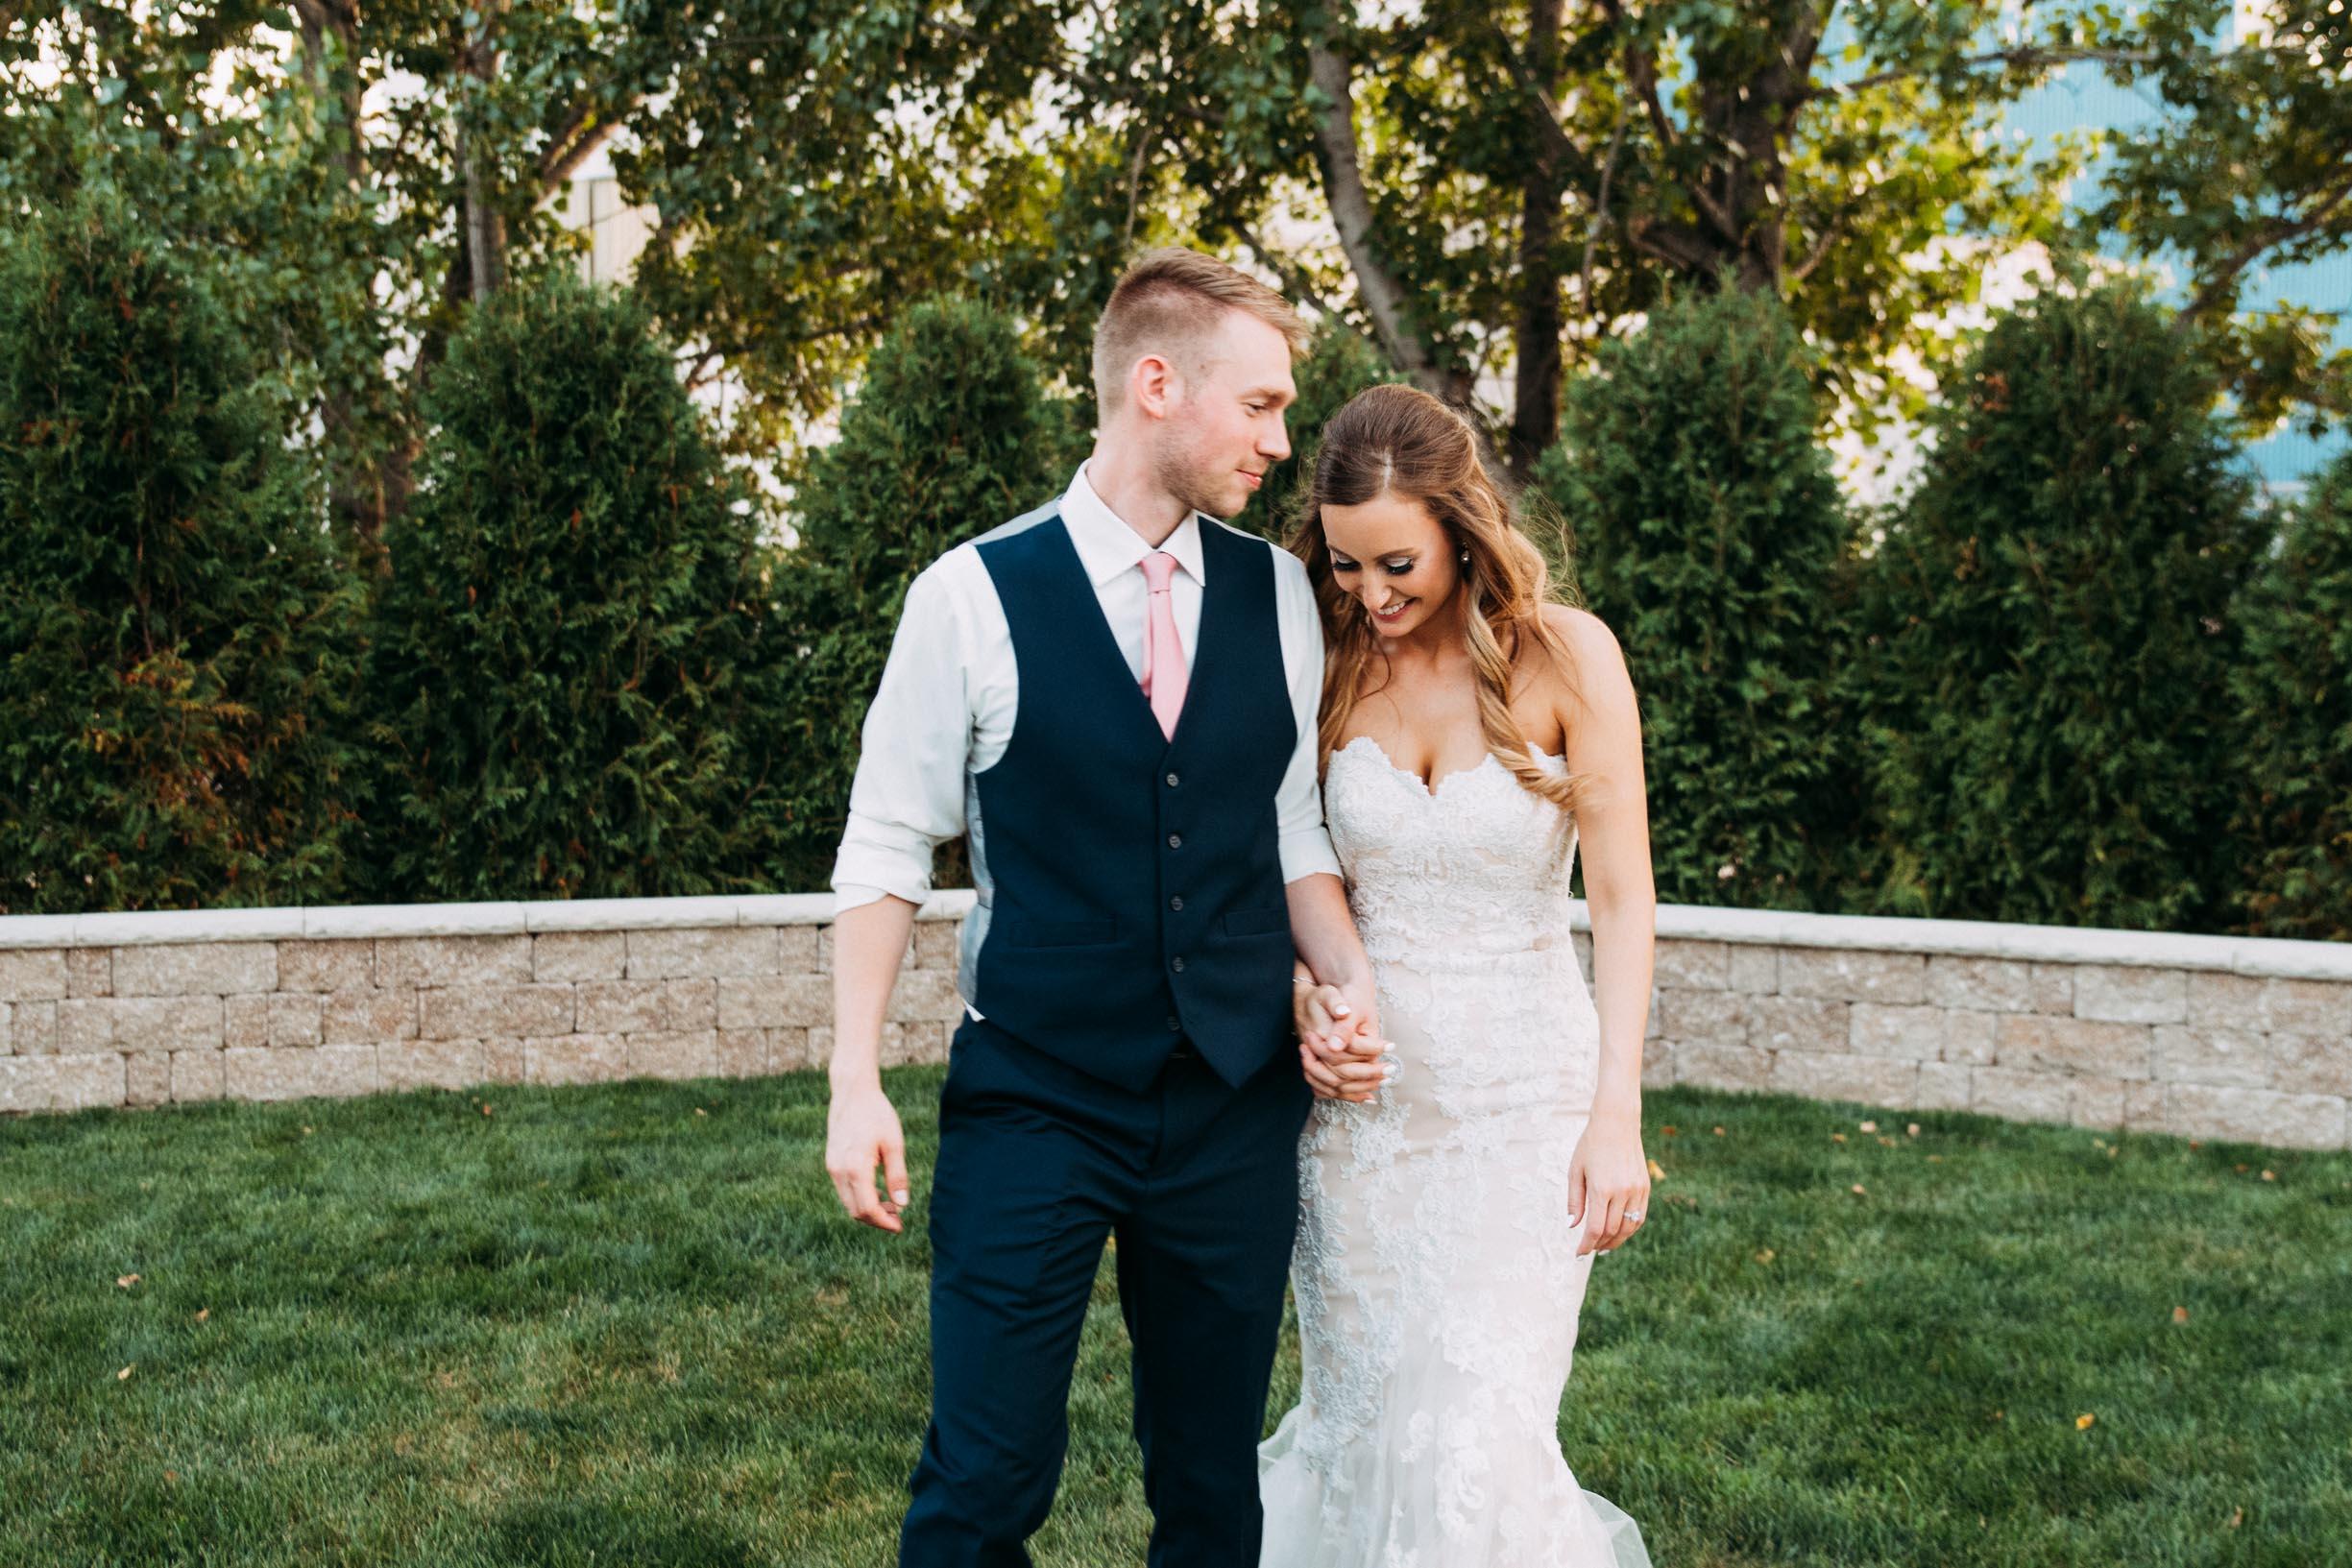 75-WeddingsattheBroz_Minnesota_WeddingBlog_GoldenHour.jpg